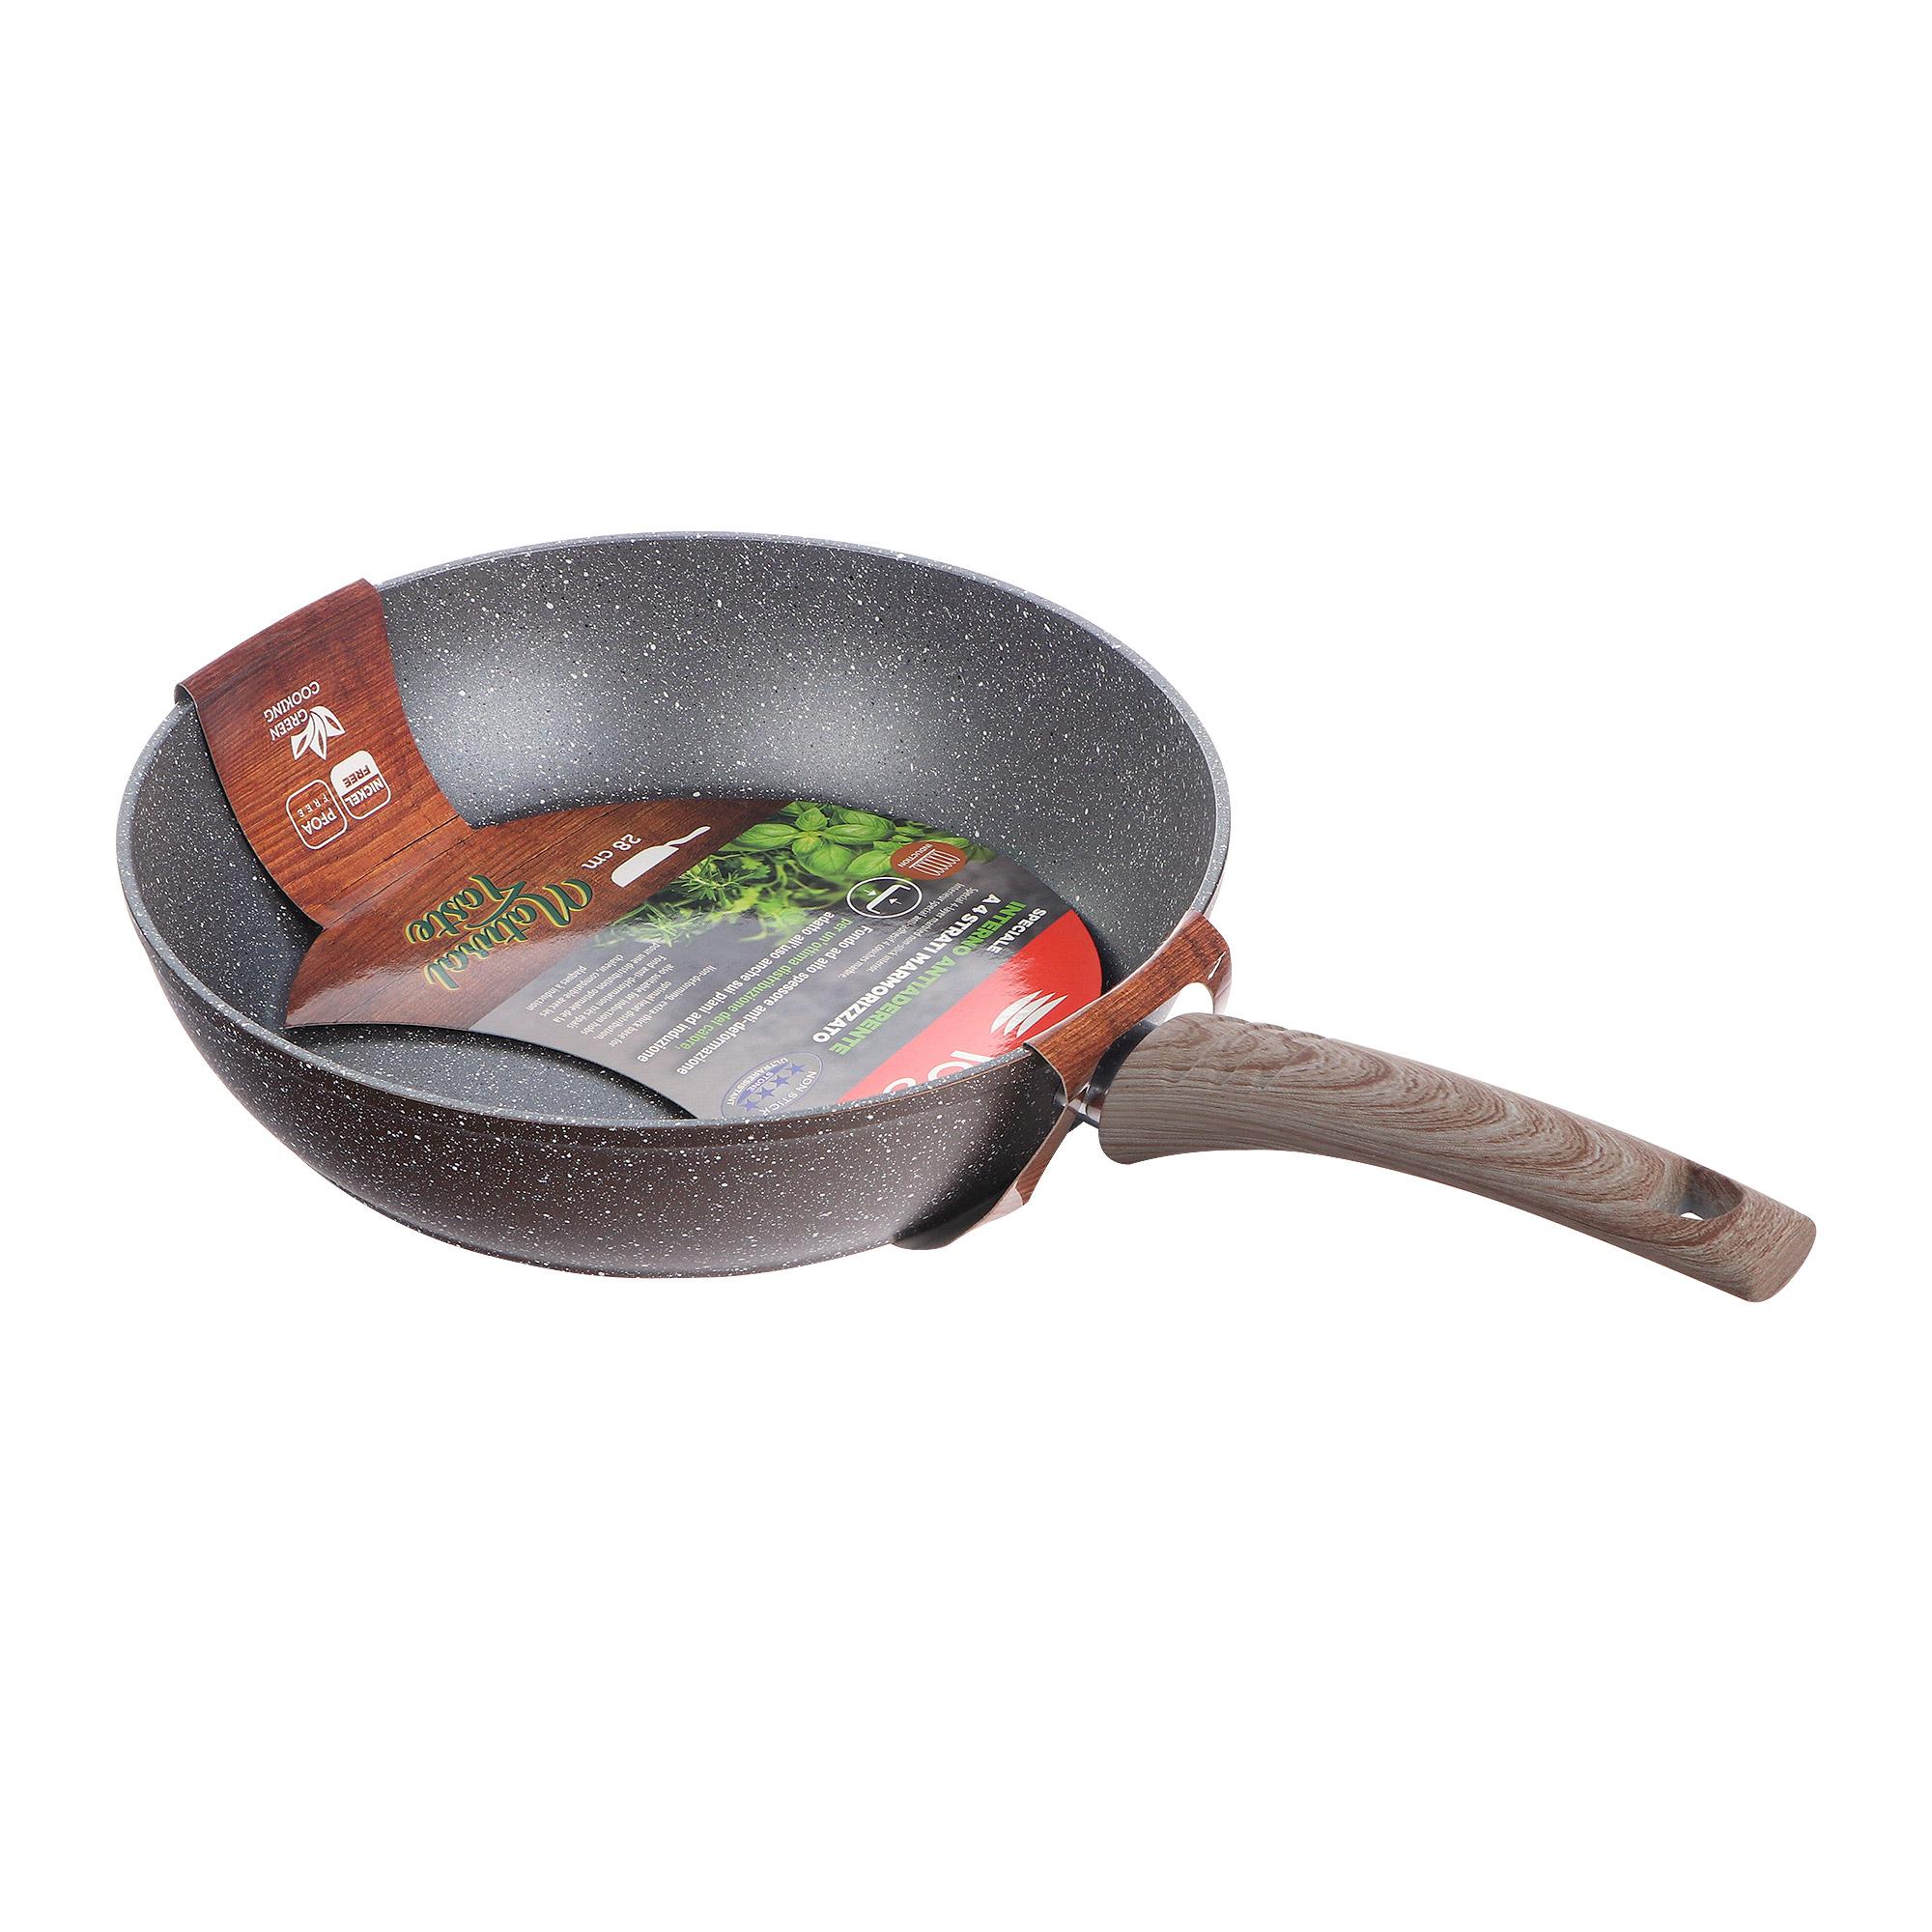 Сковорода глубокая Tognana Grancuci 28 см фото